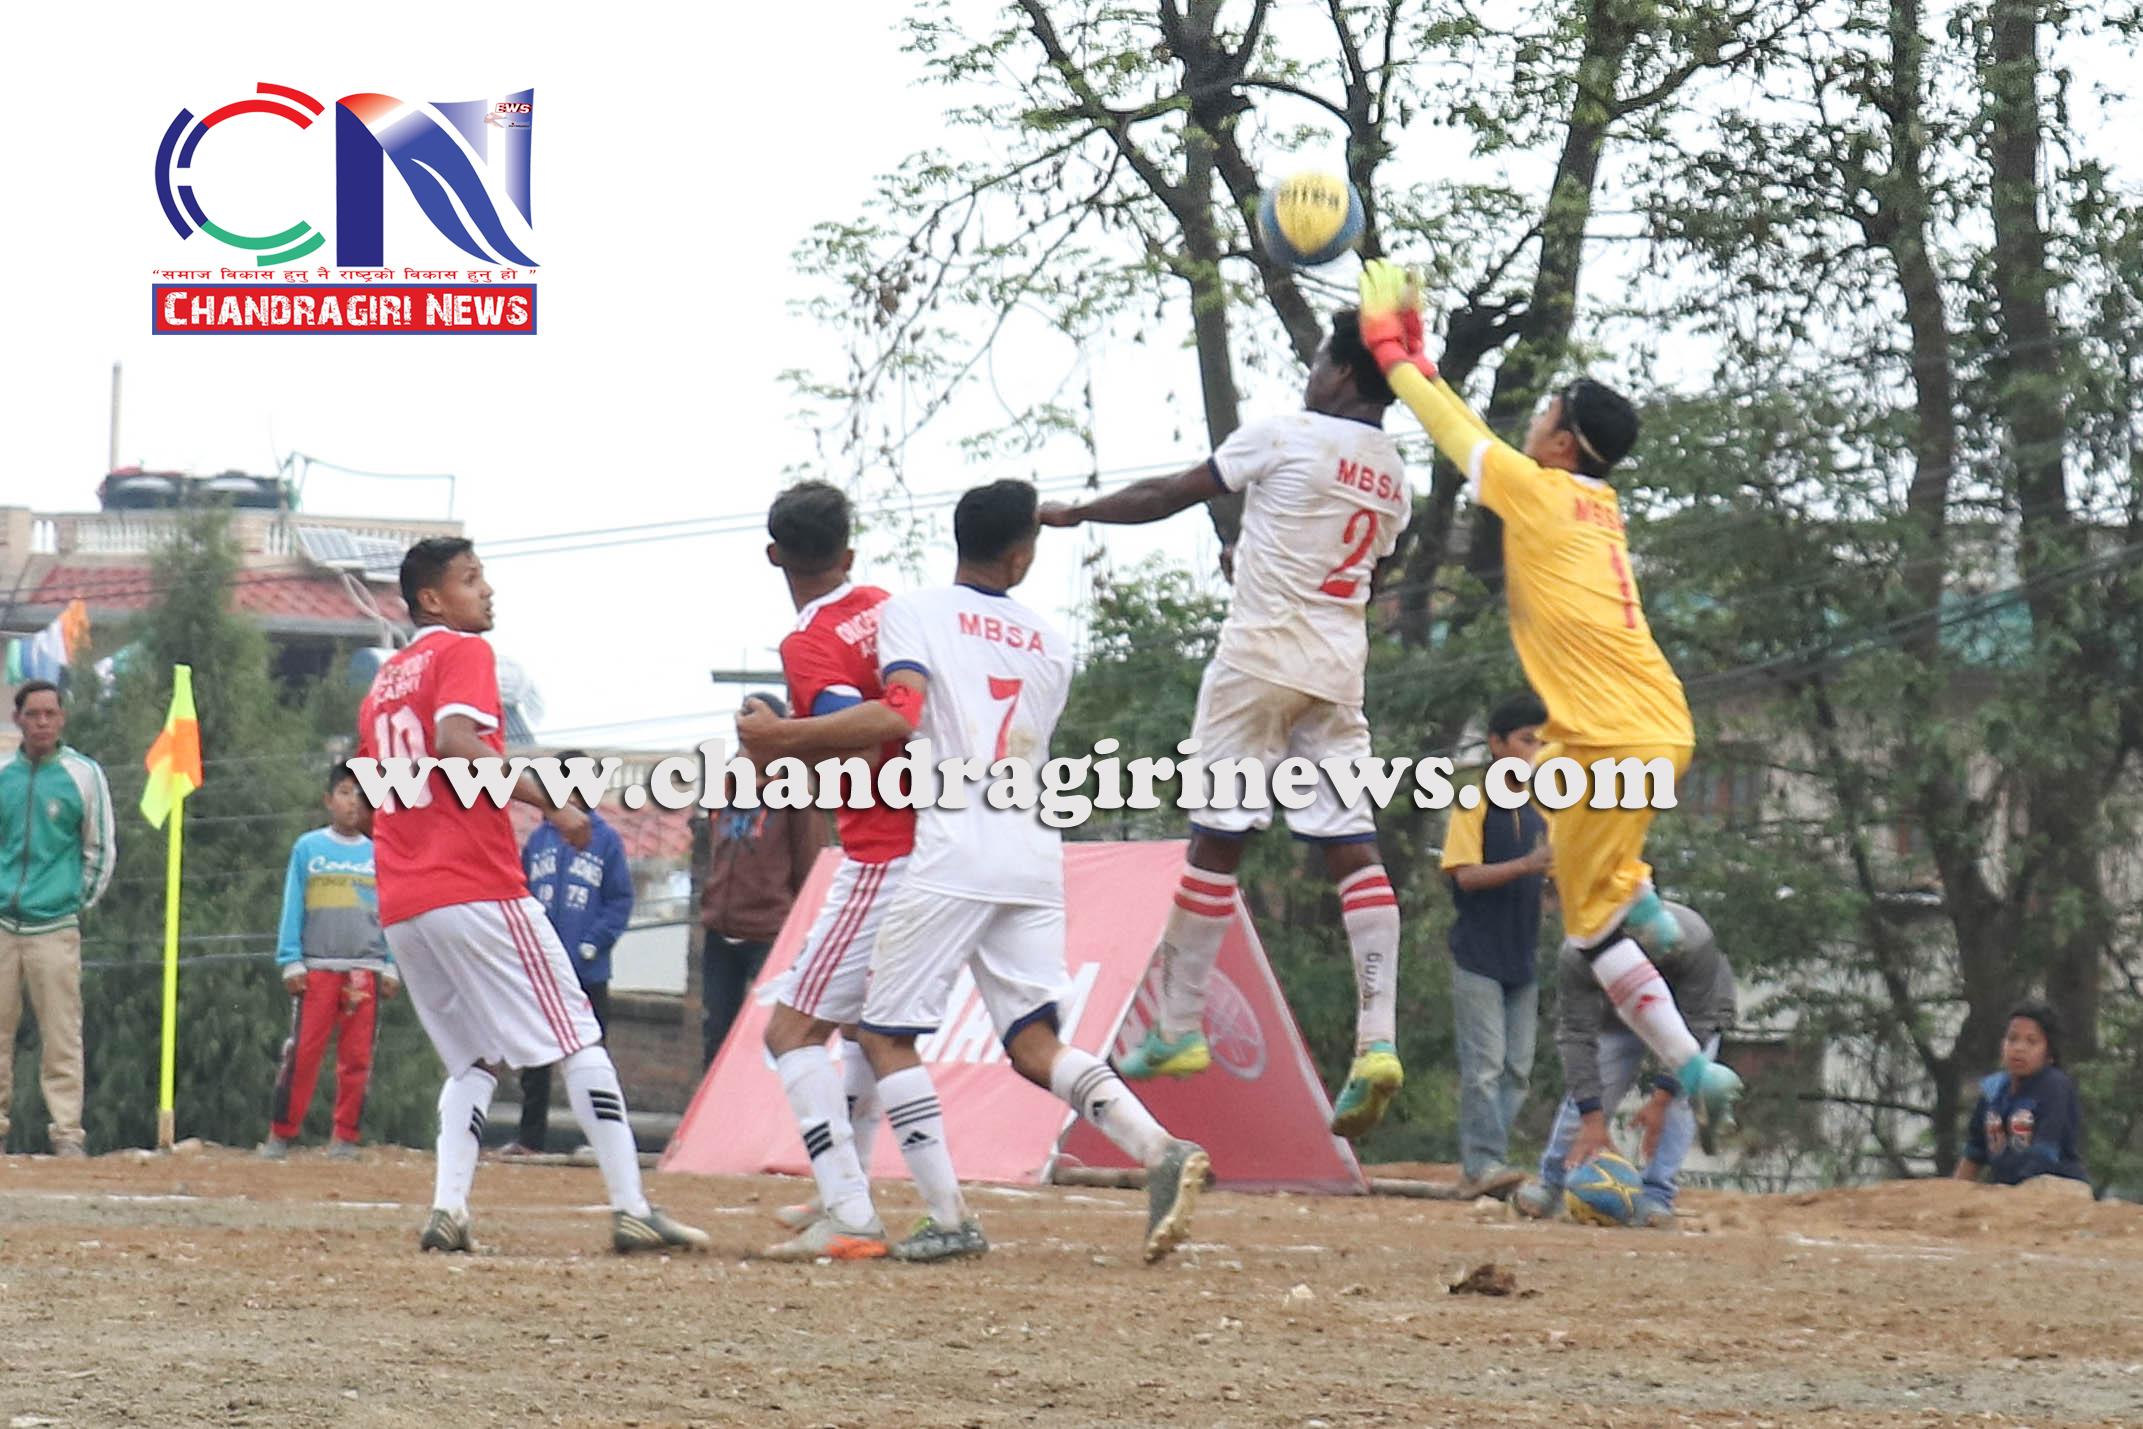 Chandragirinews western-united-3rd-game-15 चाैठाै नेपाललय वईस्टन युनाईटेड क्लवकप फुटबल प्रतियाेगितामा ब्लु बेल फुटबल क्लब र वराकल रे स्पोर्ट्स एकेडेमीको विजयी सुरुवात खेलकुद नगरपालिका ब्रेकिंग न्युज मातातिर्थ मुख्य राष्ट्रिय    chandragiri